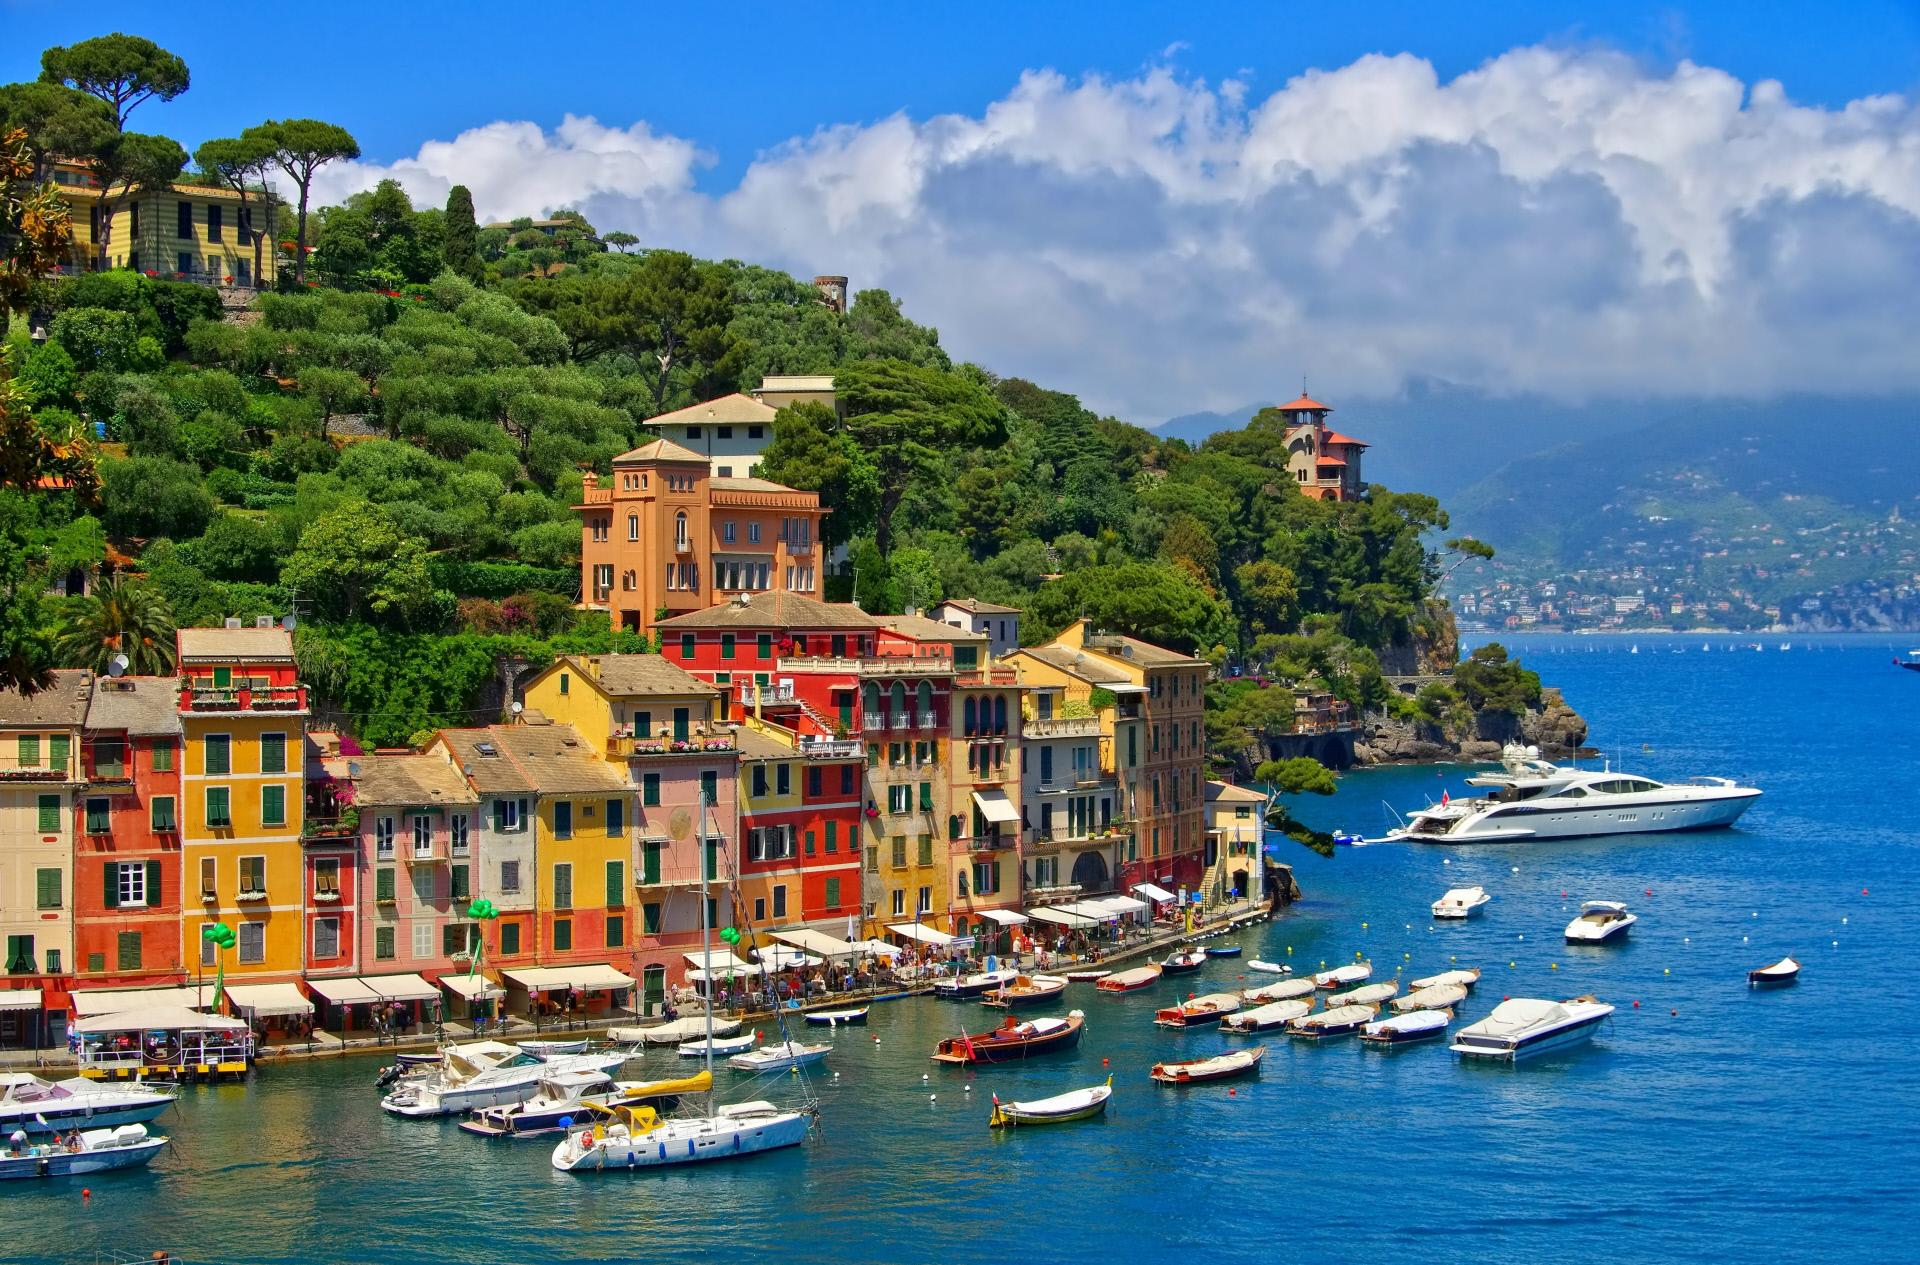 Il comune di Portofino, tra i più richiesti dagli americani che cercano case sulla costa in Italia / Gtres